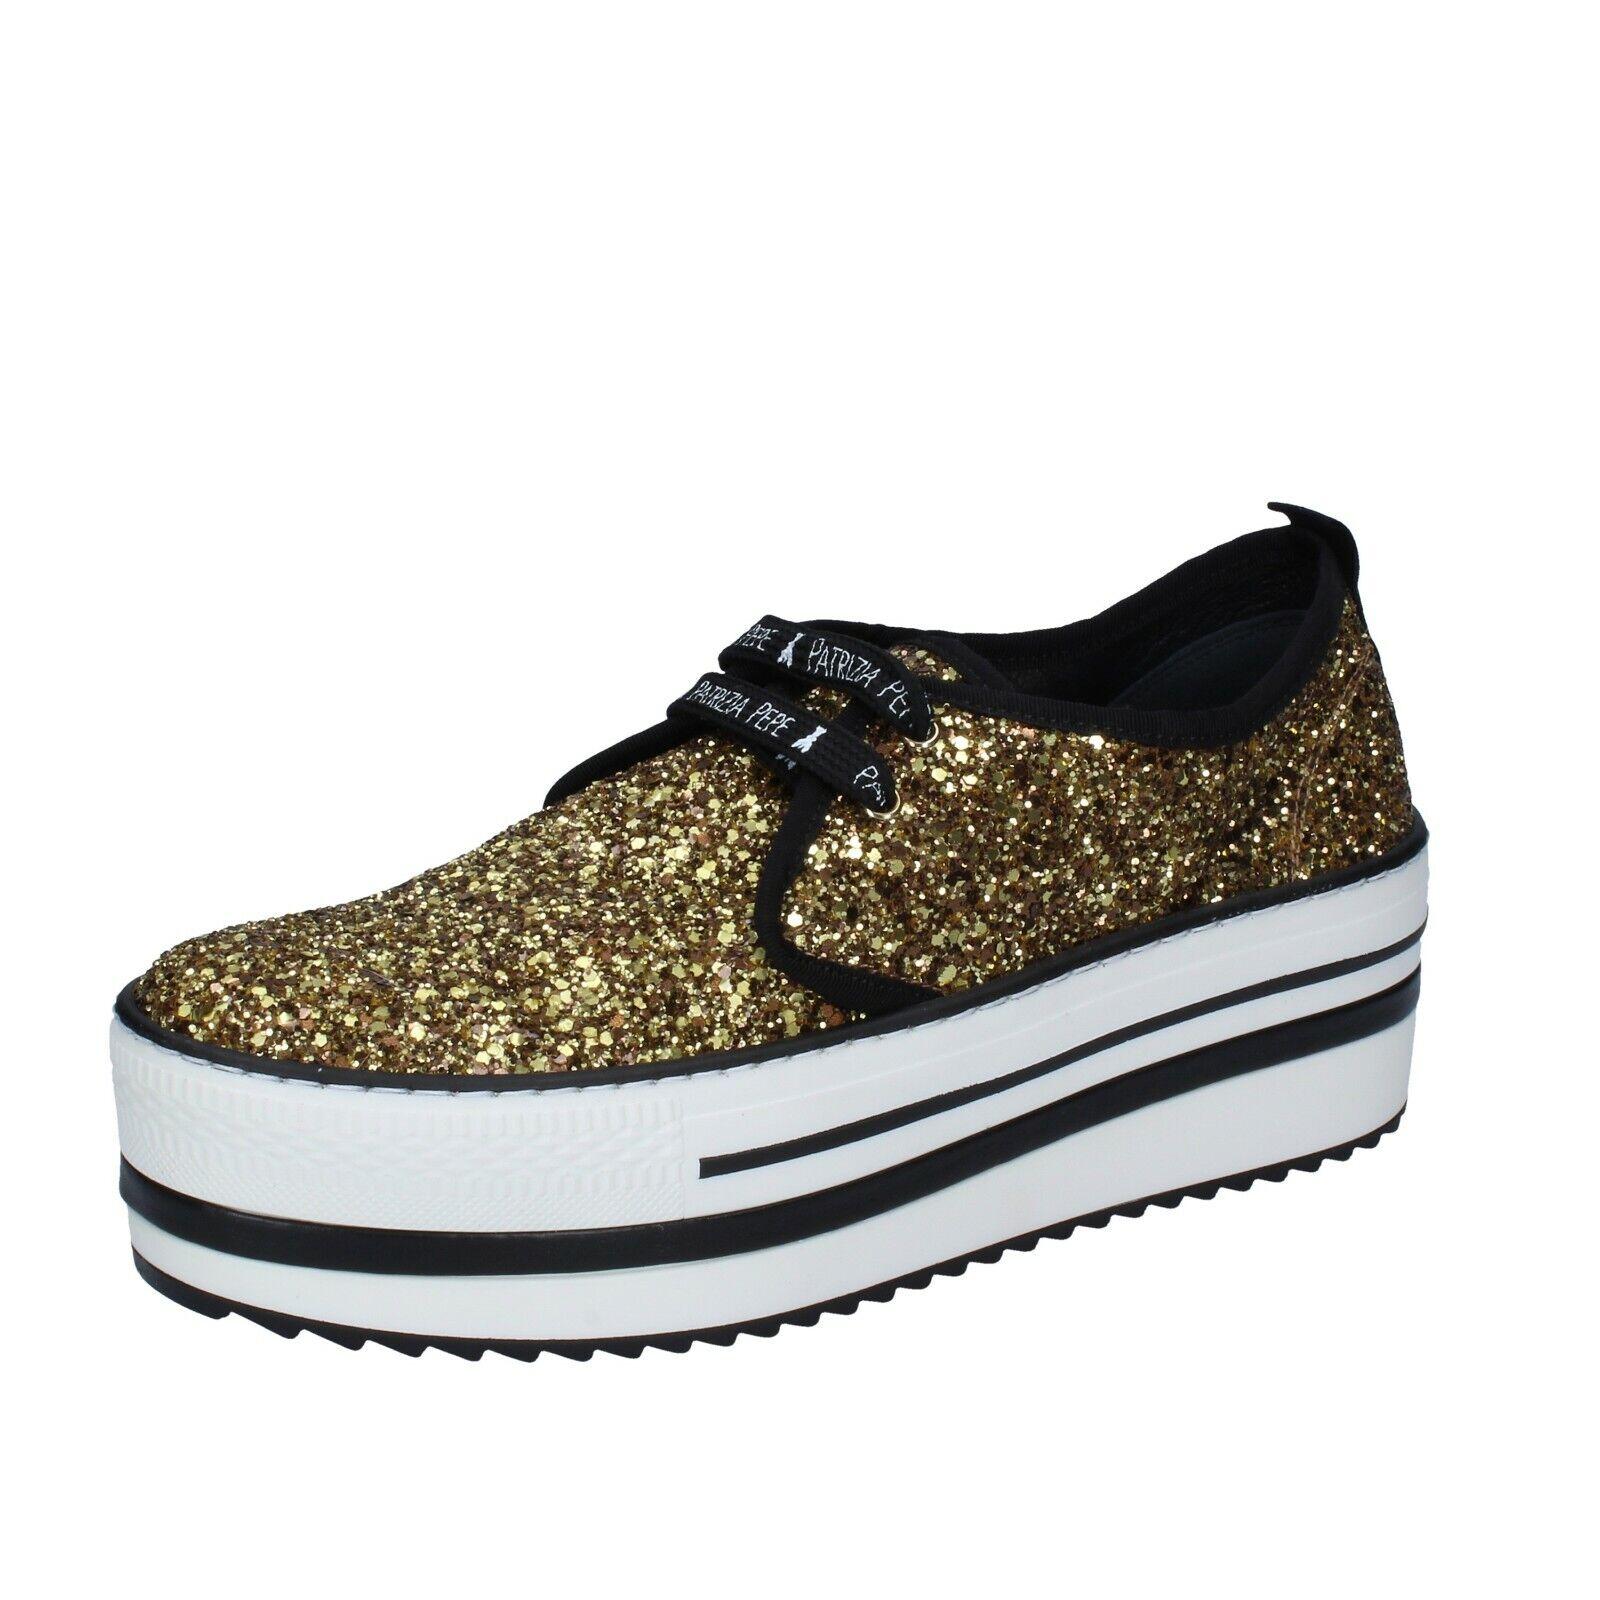 Zapatos señora patrizia patrizia patrizia Pepe 39 UE zapatillas oro glitter textil bs242-39  Hay más marcas de productos de alta calidad.